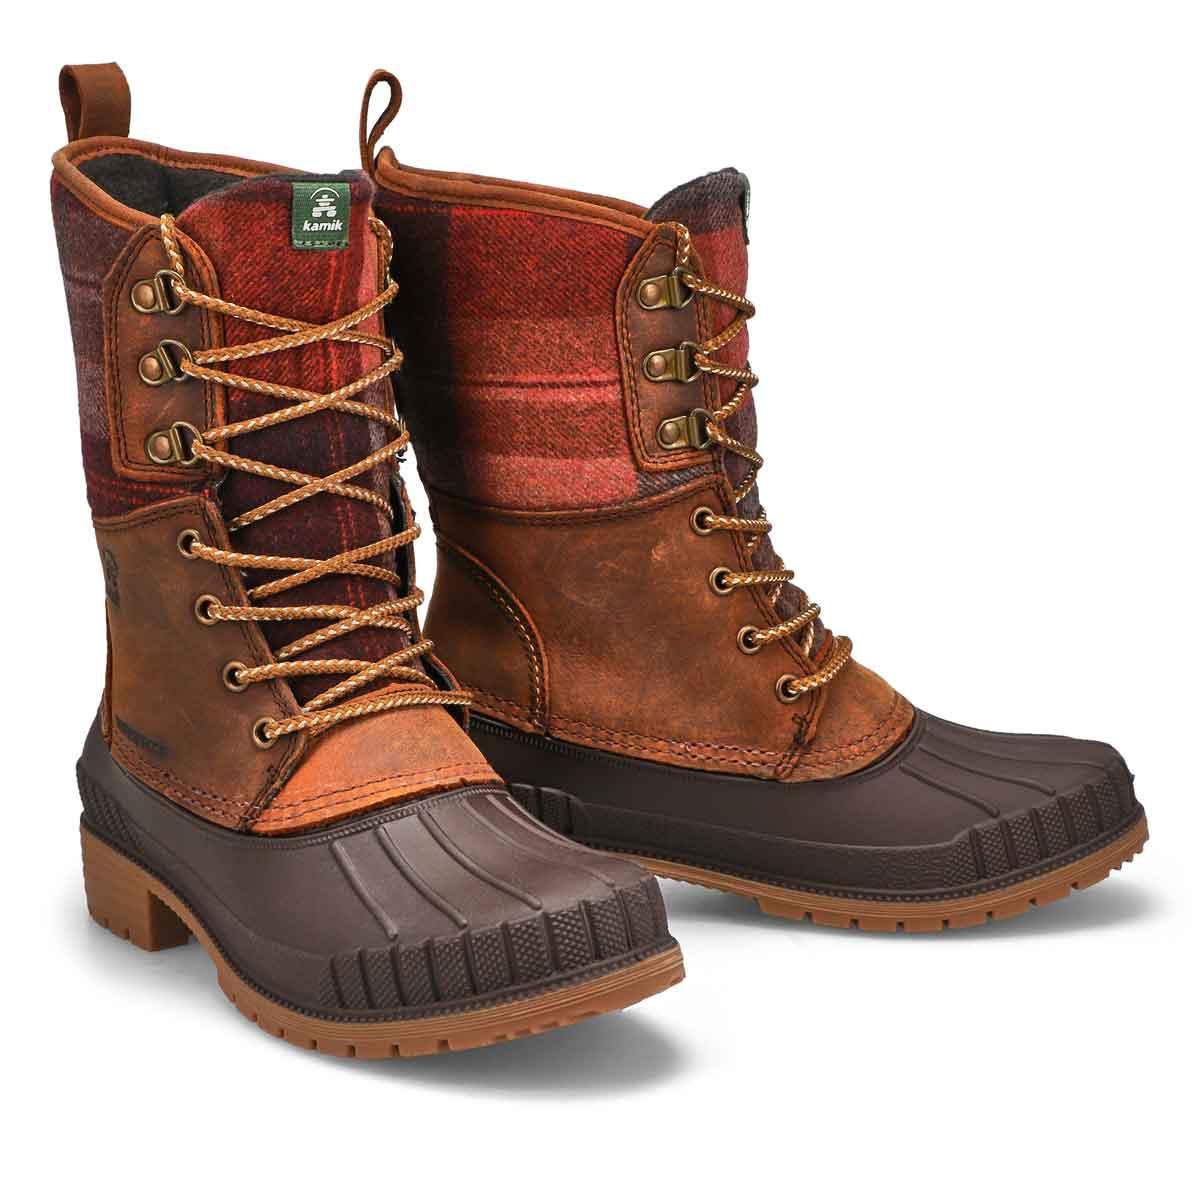 Women's Sienna 2  Waterproof Winter Boot - Dk Brn